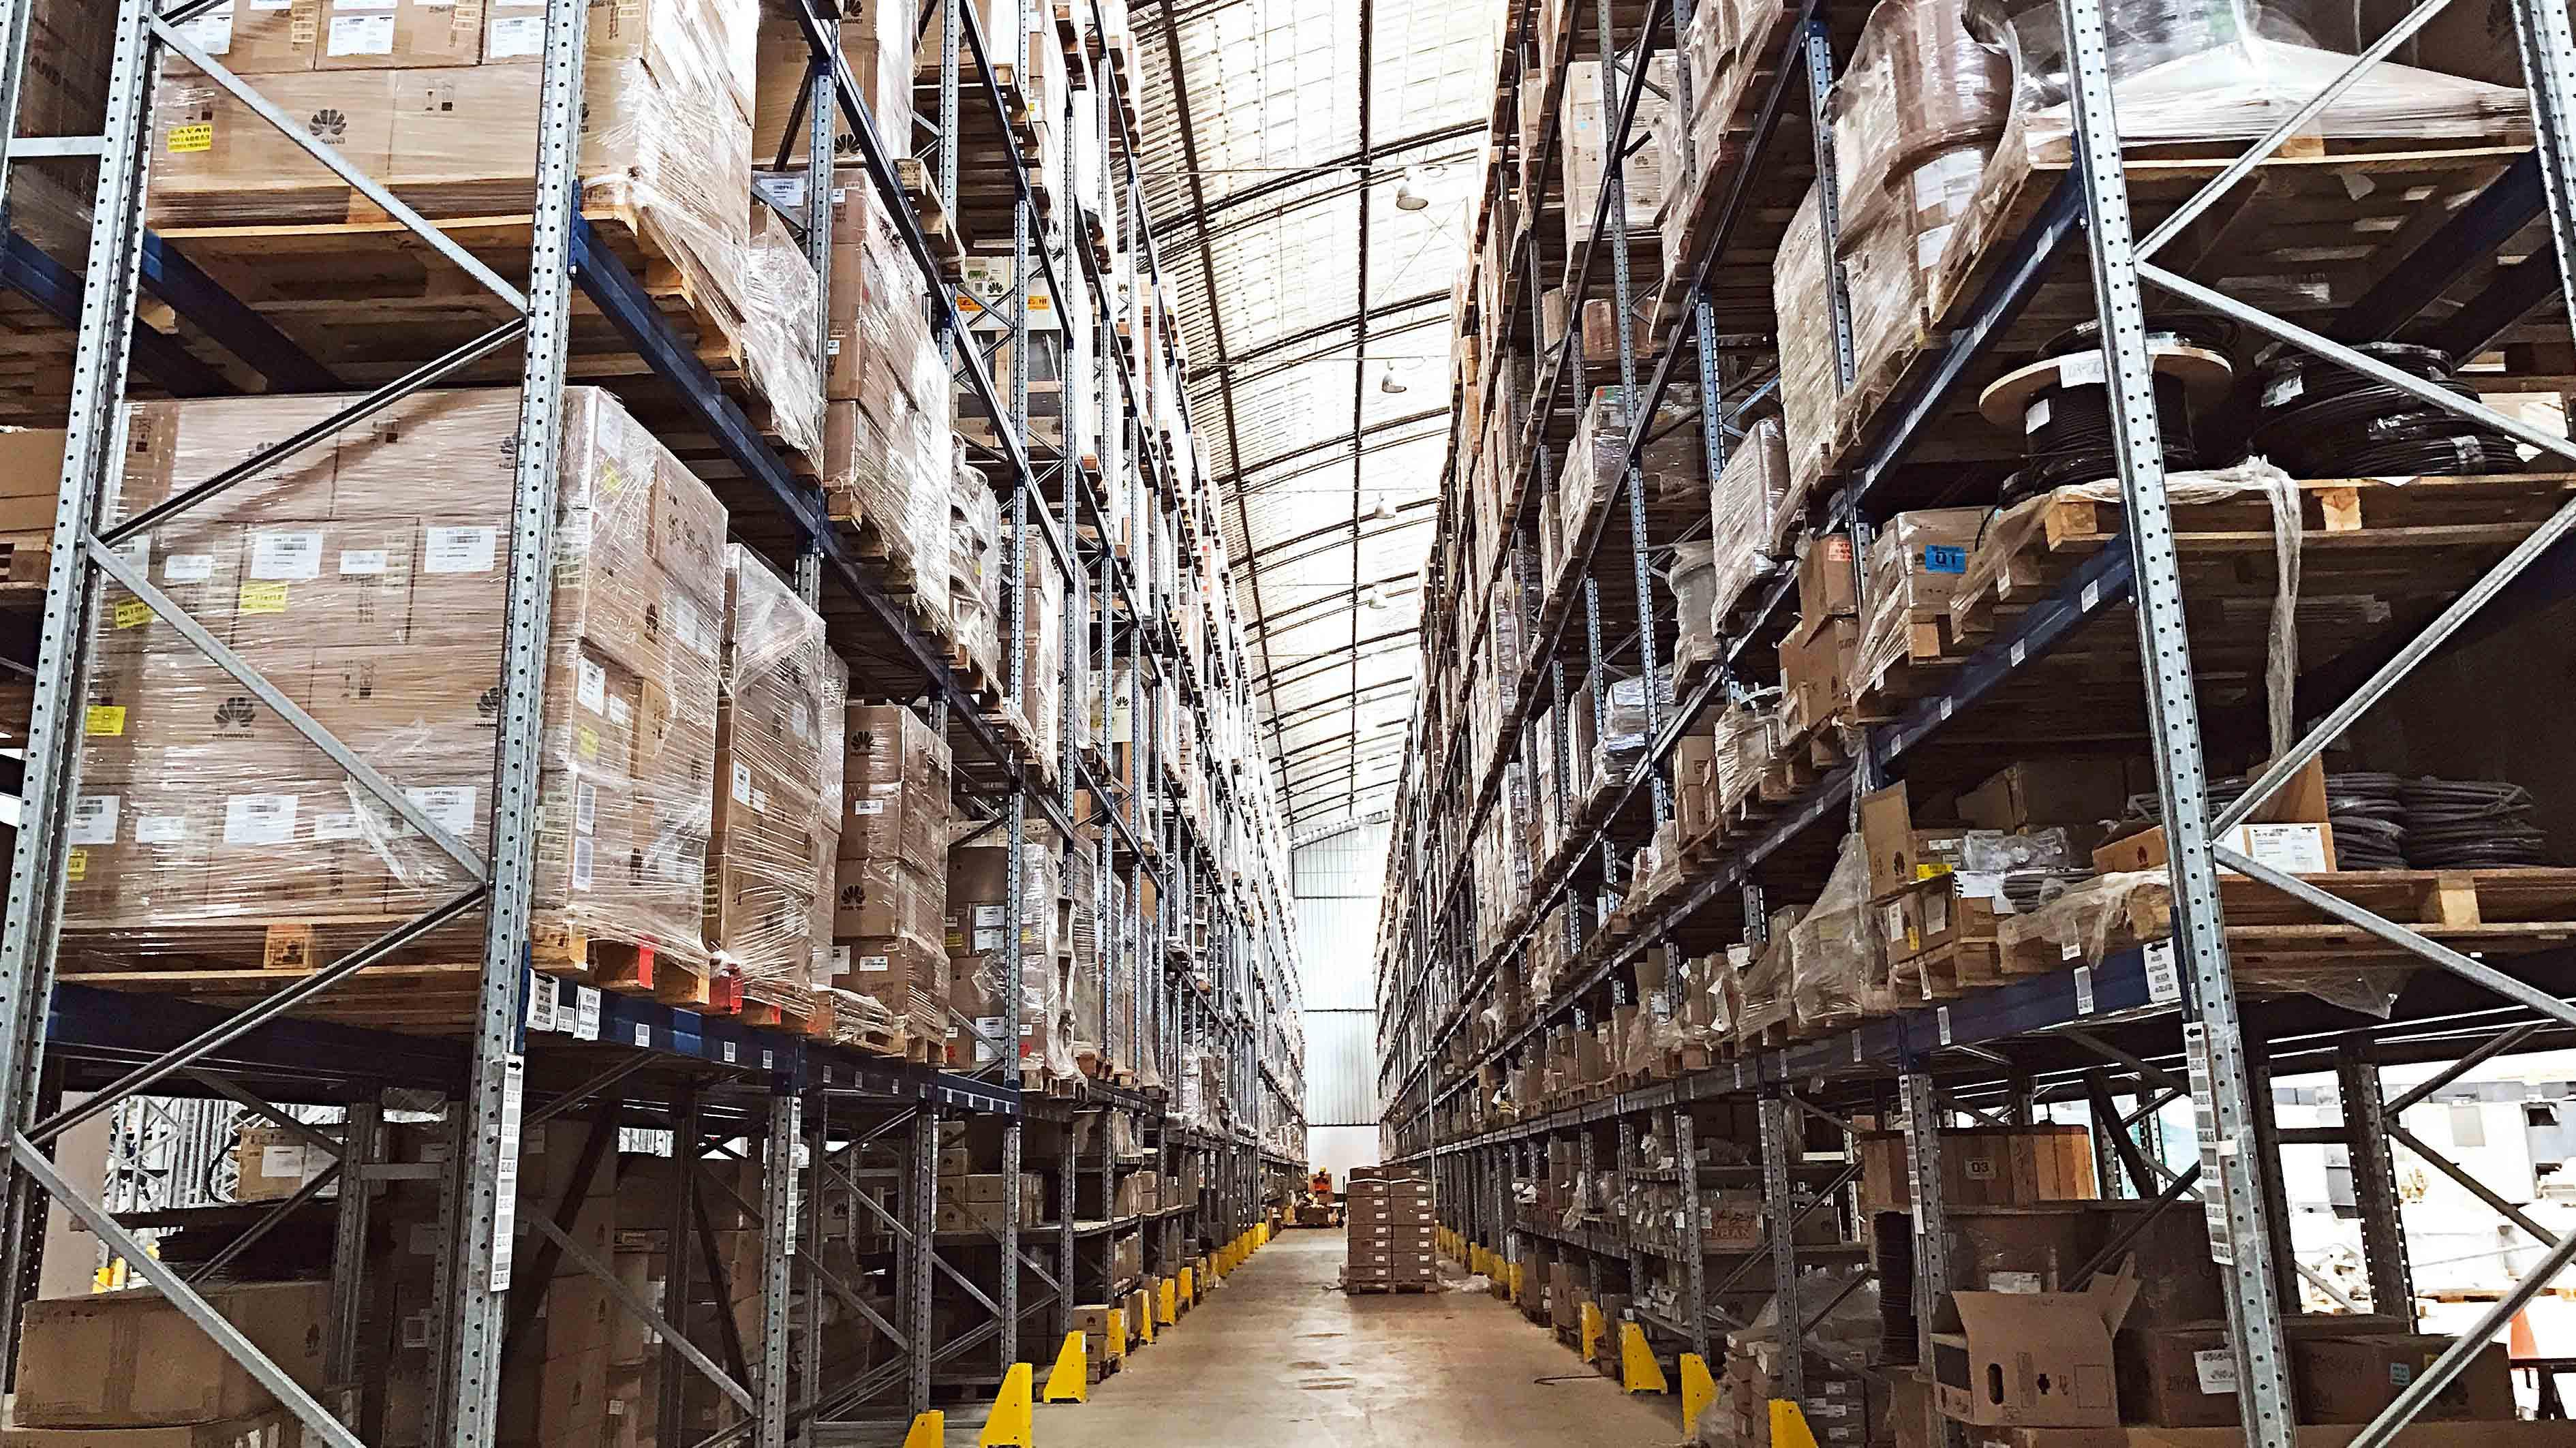 <p>Foco en Scharff, la empresa de logística que tendrá puntos de recojo y envíos en bodegas</p>